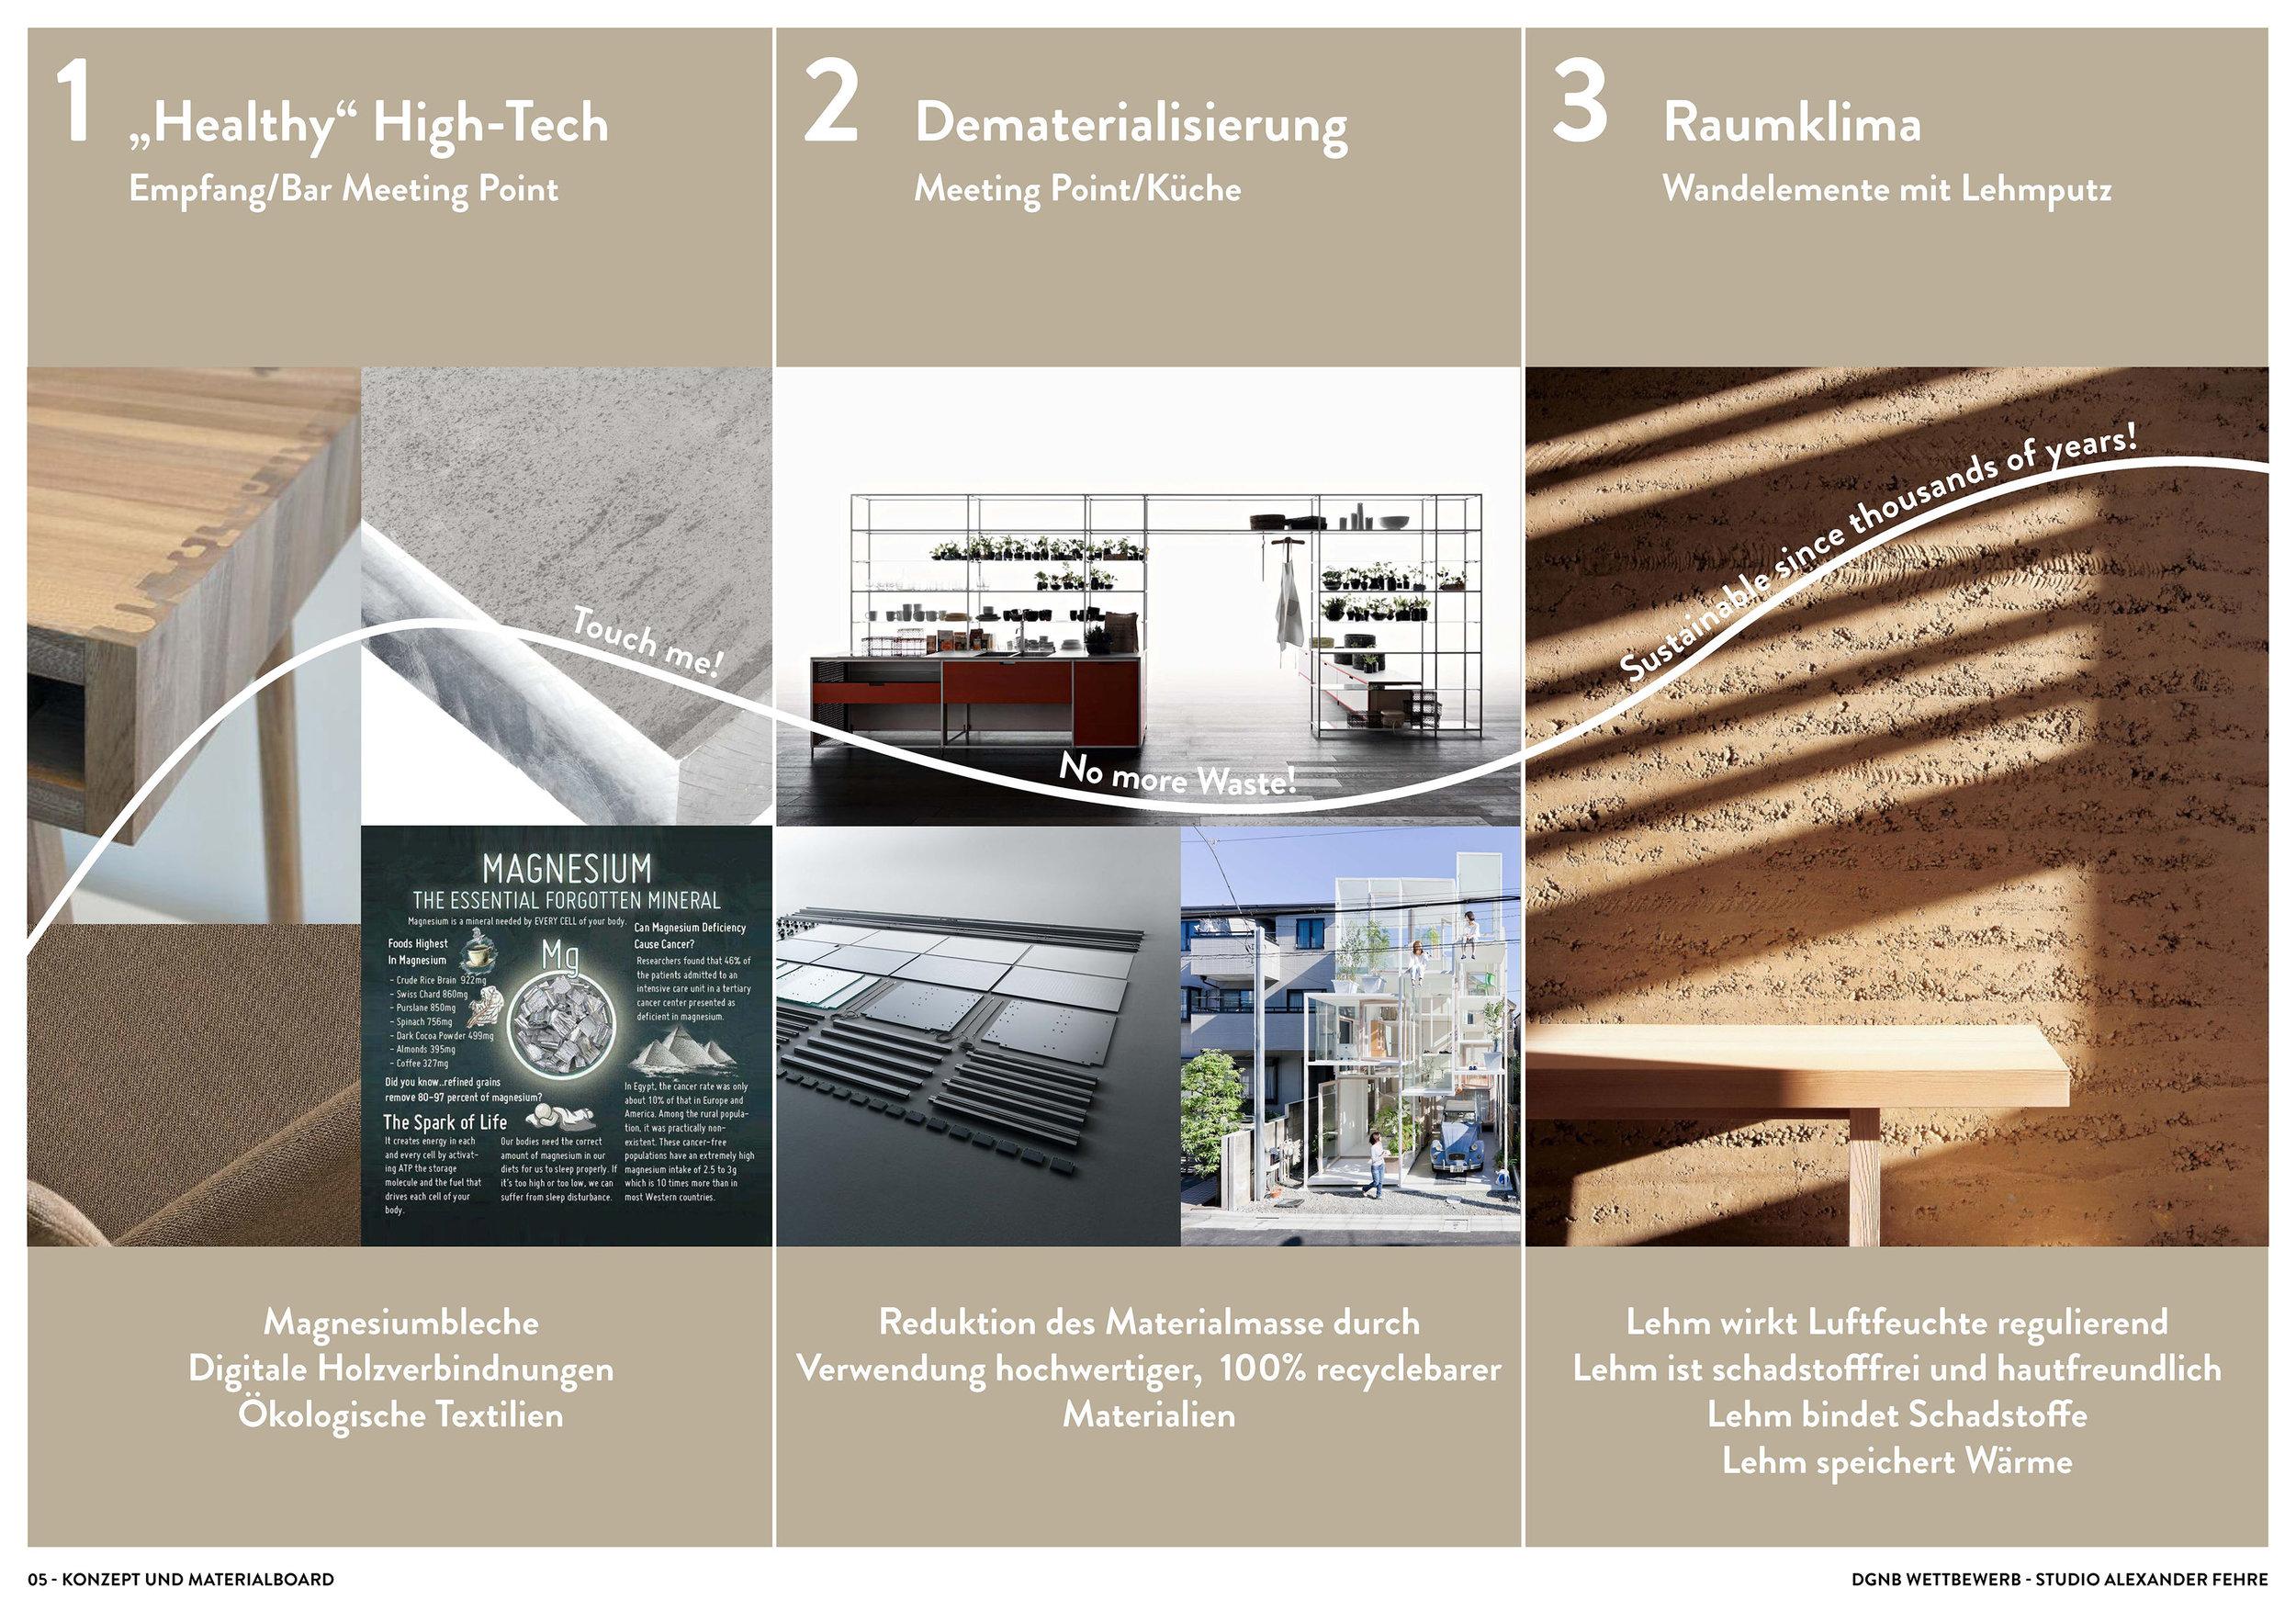 Studio Alexander Fehre - Pläne DGNB Wettbewerb - 131106_Seite_522525252525.jpg